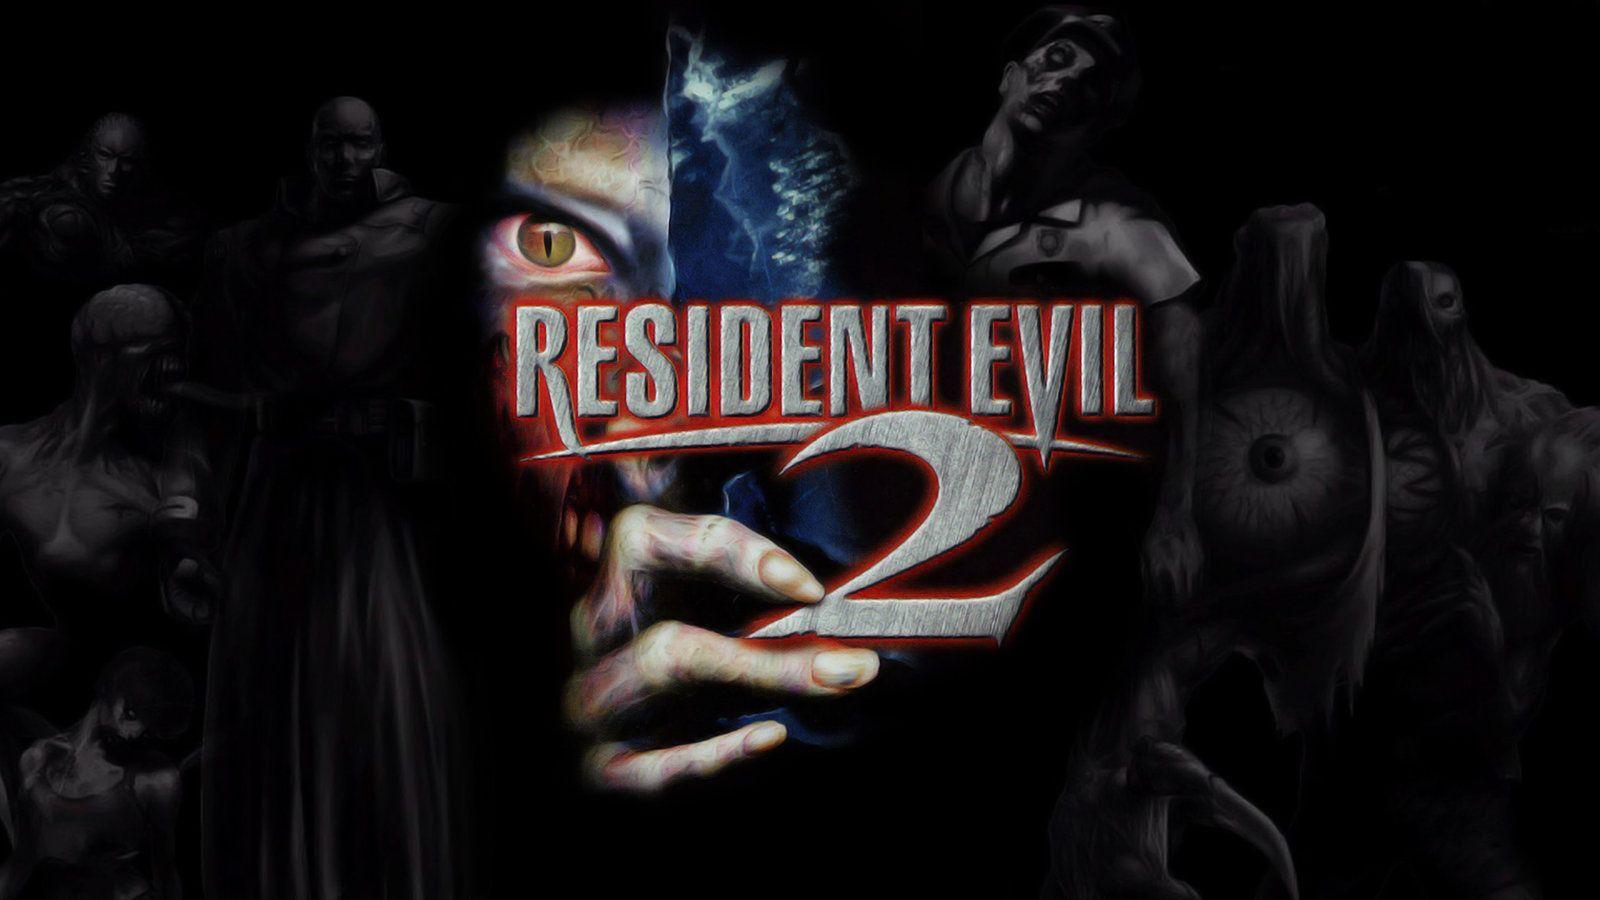 resident evil 2 remake hunk wallpaper